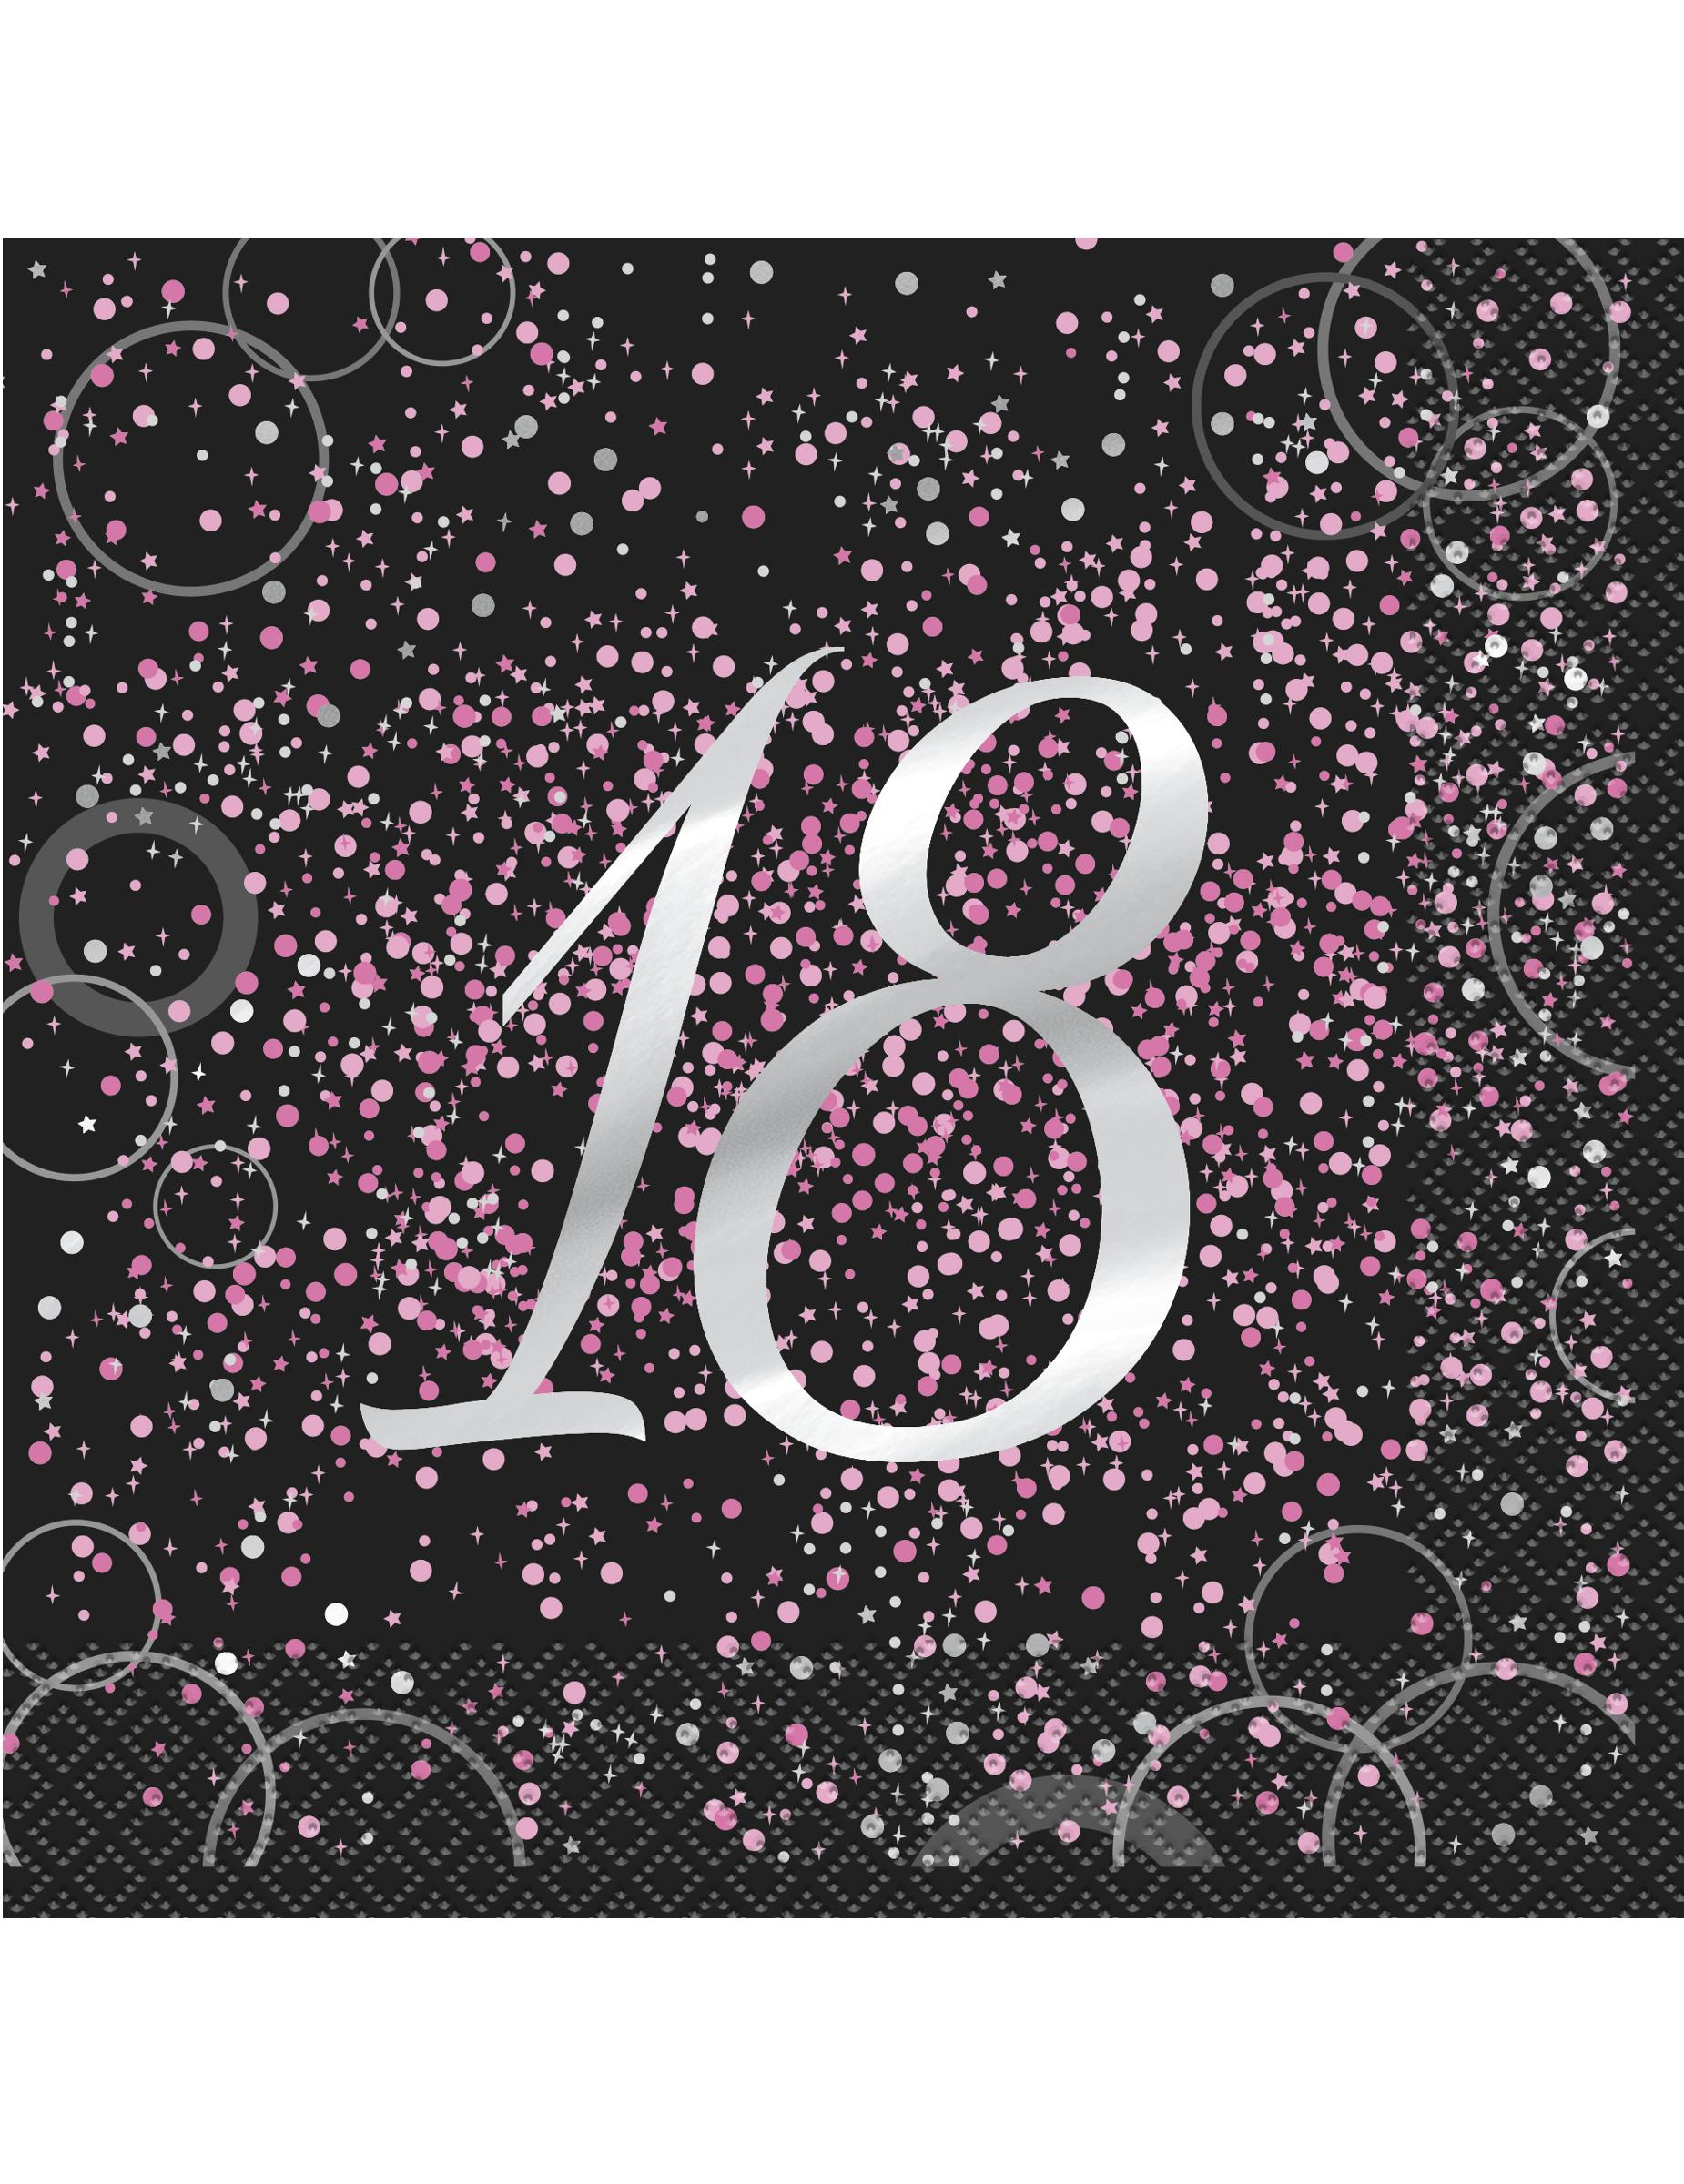 16 serviettes 18 ans en papier happy birthday confettis roses 33 x 33 cm d coration. Black Bedroom Furniture Sets. Home Design Ideas